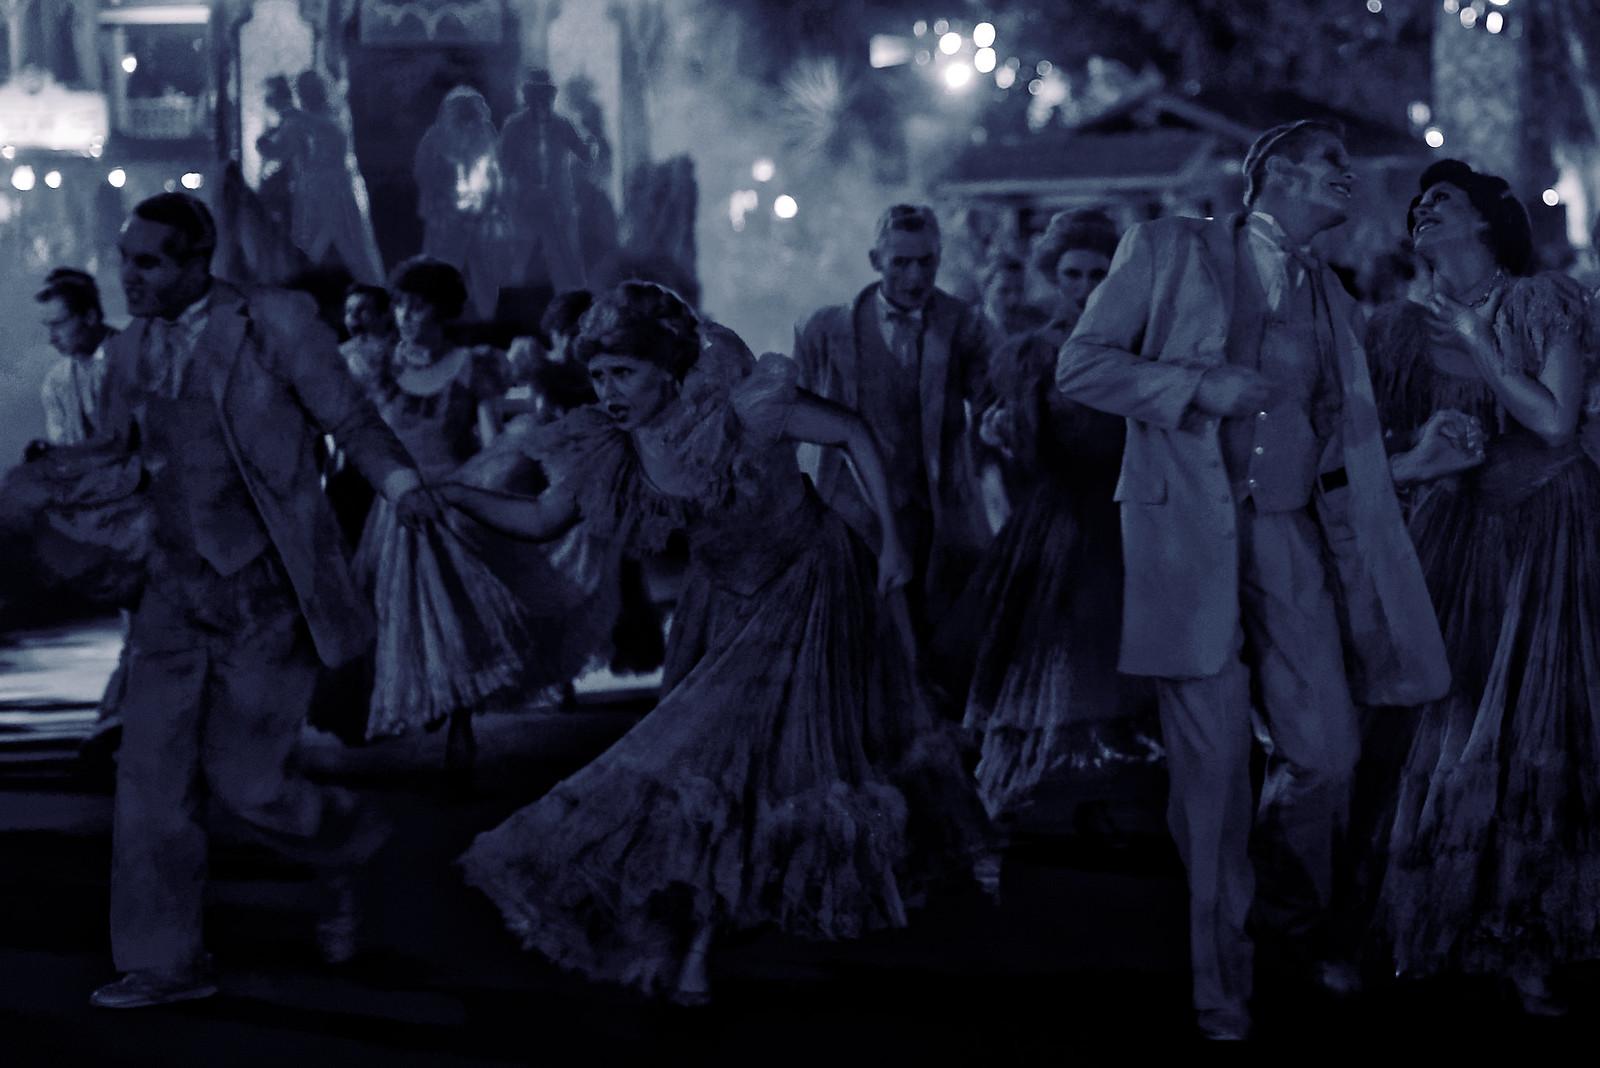 Boo To You Parade- Ballroom Dancers